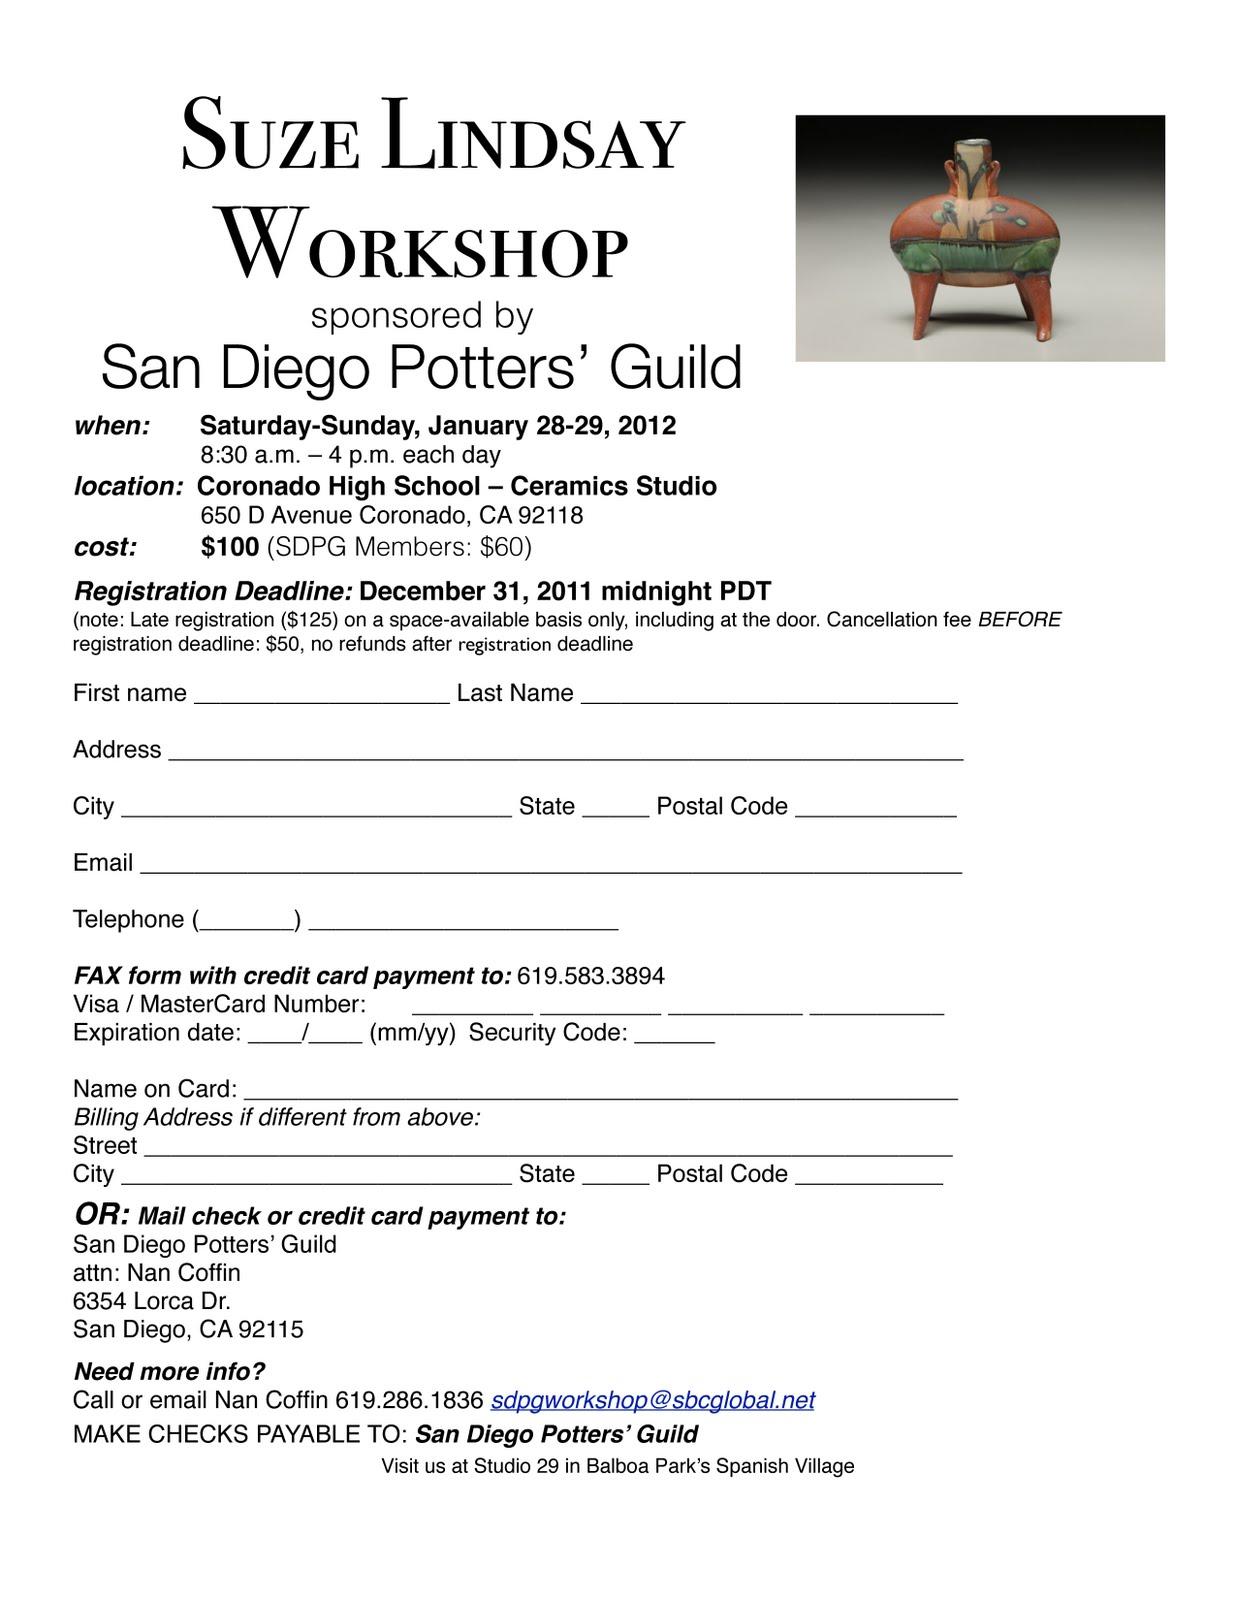 LindsayWorkshopRegistration2012-1 Job Application Form Morrisons on blank generic, part time, free generic,